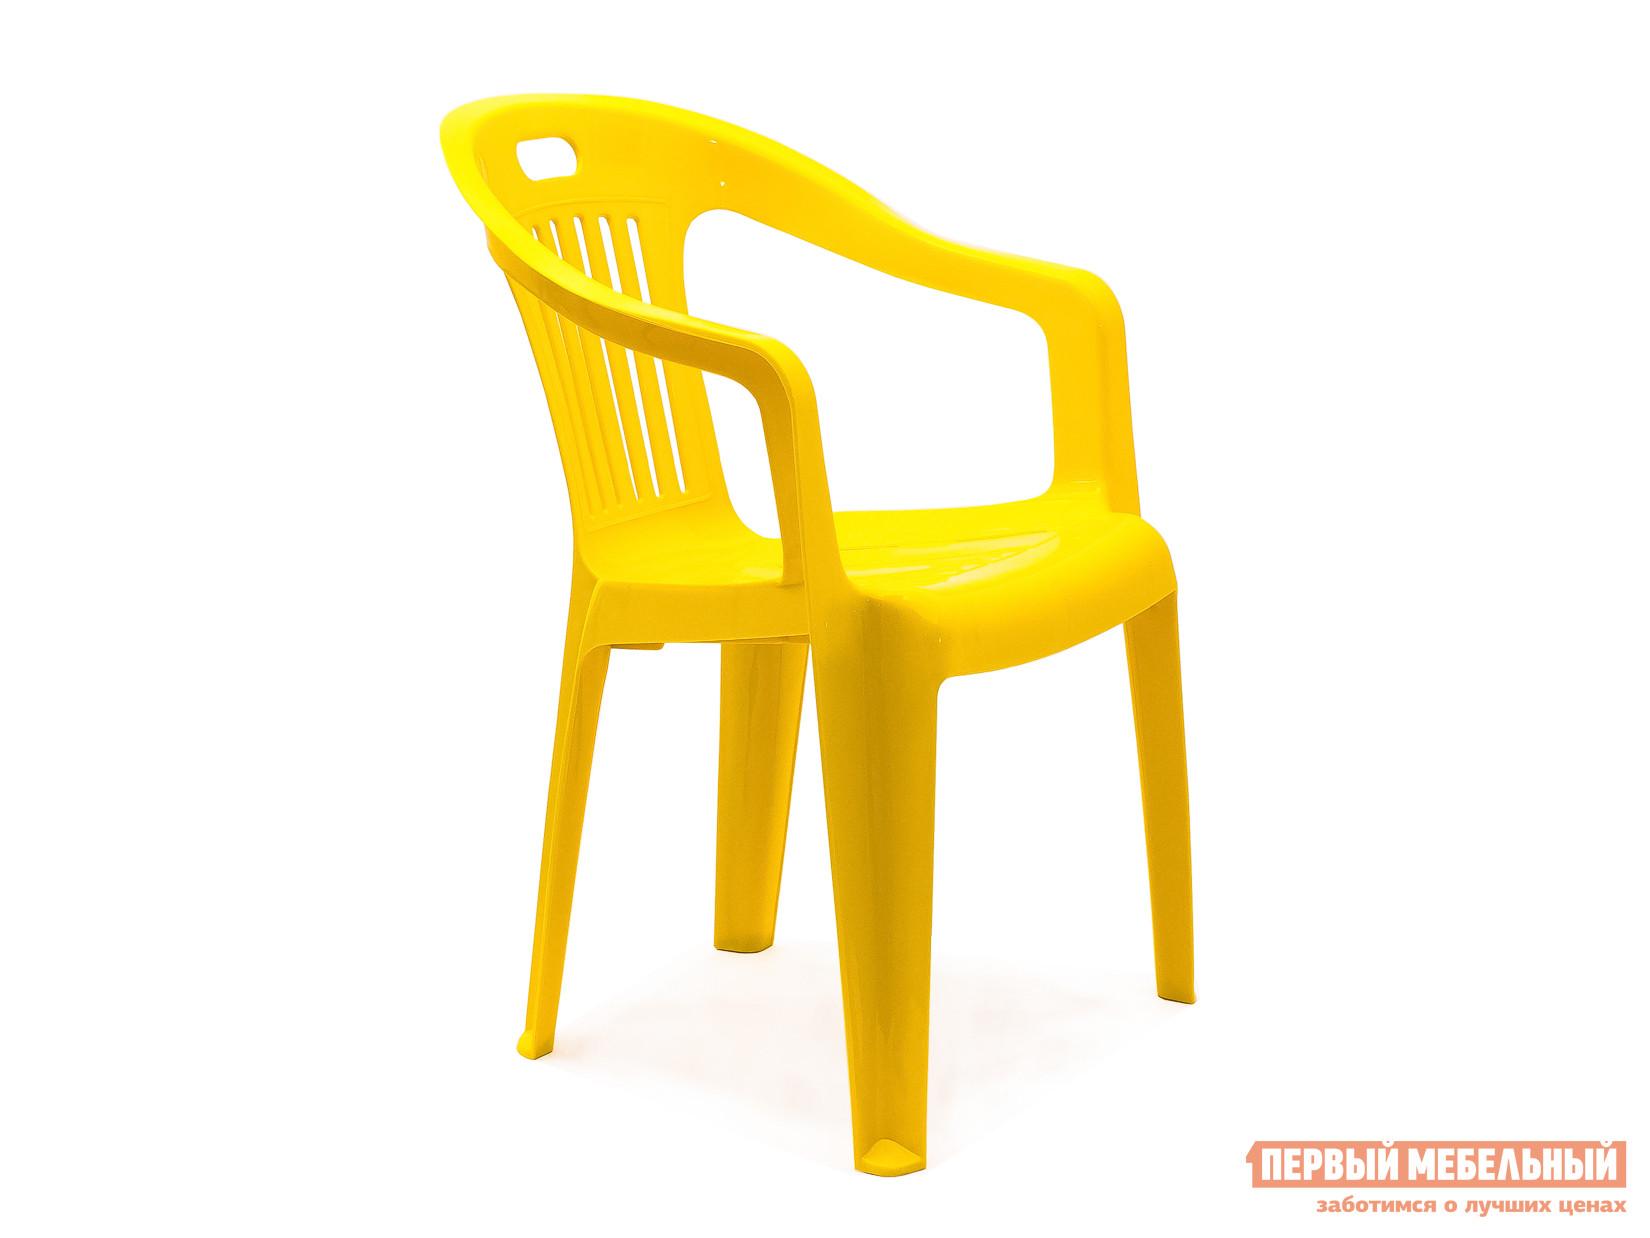 Пластиковый стул Стандарт Пластик Кресло №5 Комфорт-1 (540x535x780мм) ЖелтыйПластиковые стулья<br>Габаритные размеры ВхШхГ 780x540x535 мм. Пластиковое кресло Комфорт простое и практичное.  Оформление спинки кресла обеспечивает отличную вентиляцию, благодаря этому в нем удобно сидеть даже в жаркую погоду.  Также спинка оснащена прорезью для удобной транспортировки кресла.  Изделие оборудовано подлокотниками, их функциональное назначение – сделать пребывание в кресле максимально удобным и приятным. Высота изделия от пола до сиденья составляет 37 см. Пластиковая мебель уникальна сочетанием таких качеств, как повышенная прочность (легко выдерживает нагрузку до 120 кг) и предельная легкость (чуть больше 2 кг).  Мебельные изделия демократичны, хорошо подходят для меблировки дачи, зоны отдыха или летнего кафе.  Пластиковая мебель не боится перепадов температур, повышенной влажности.  Такая мебель станет верным союзником в комфортном и гармоничном отдыхе.<br><br>Цвет: Желтый<br>Высота мм: 780<br>Ширина мм: 540<br>Глубина мм: 535<br>Кол-во упаковок: 1<br>Форма поставки: В собранном виде<br>Срок гарантии: 1 год<br>С подлокотниками: Да